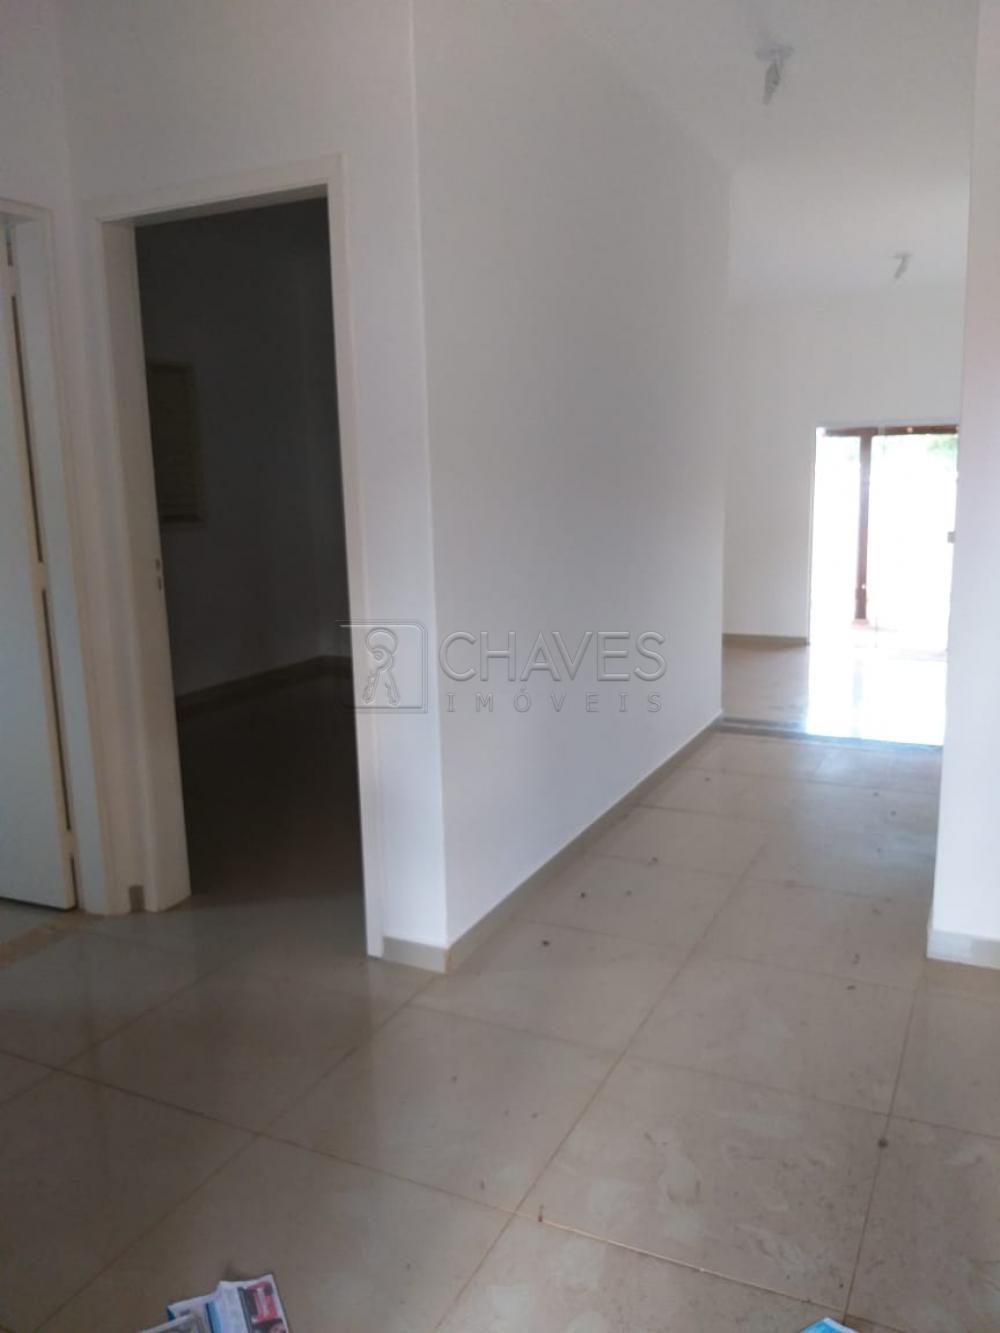 Comprar Casa / Condomínio em Bonfim Paulista apenas R$ 632.000,00 - Foto 8